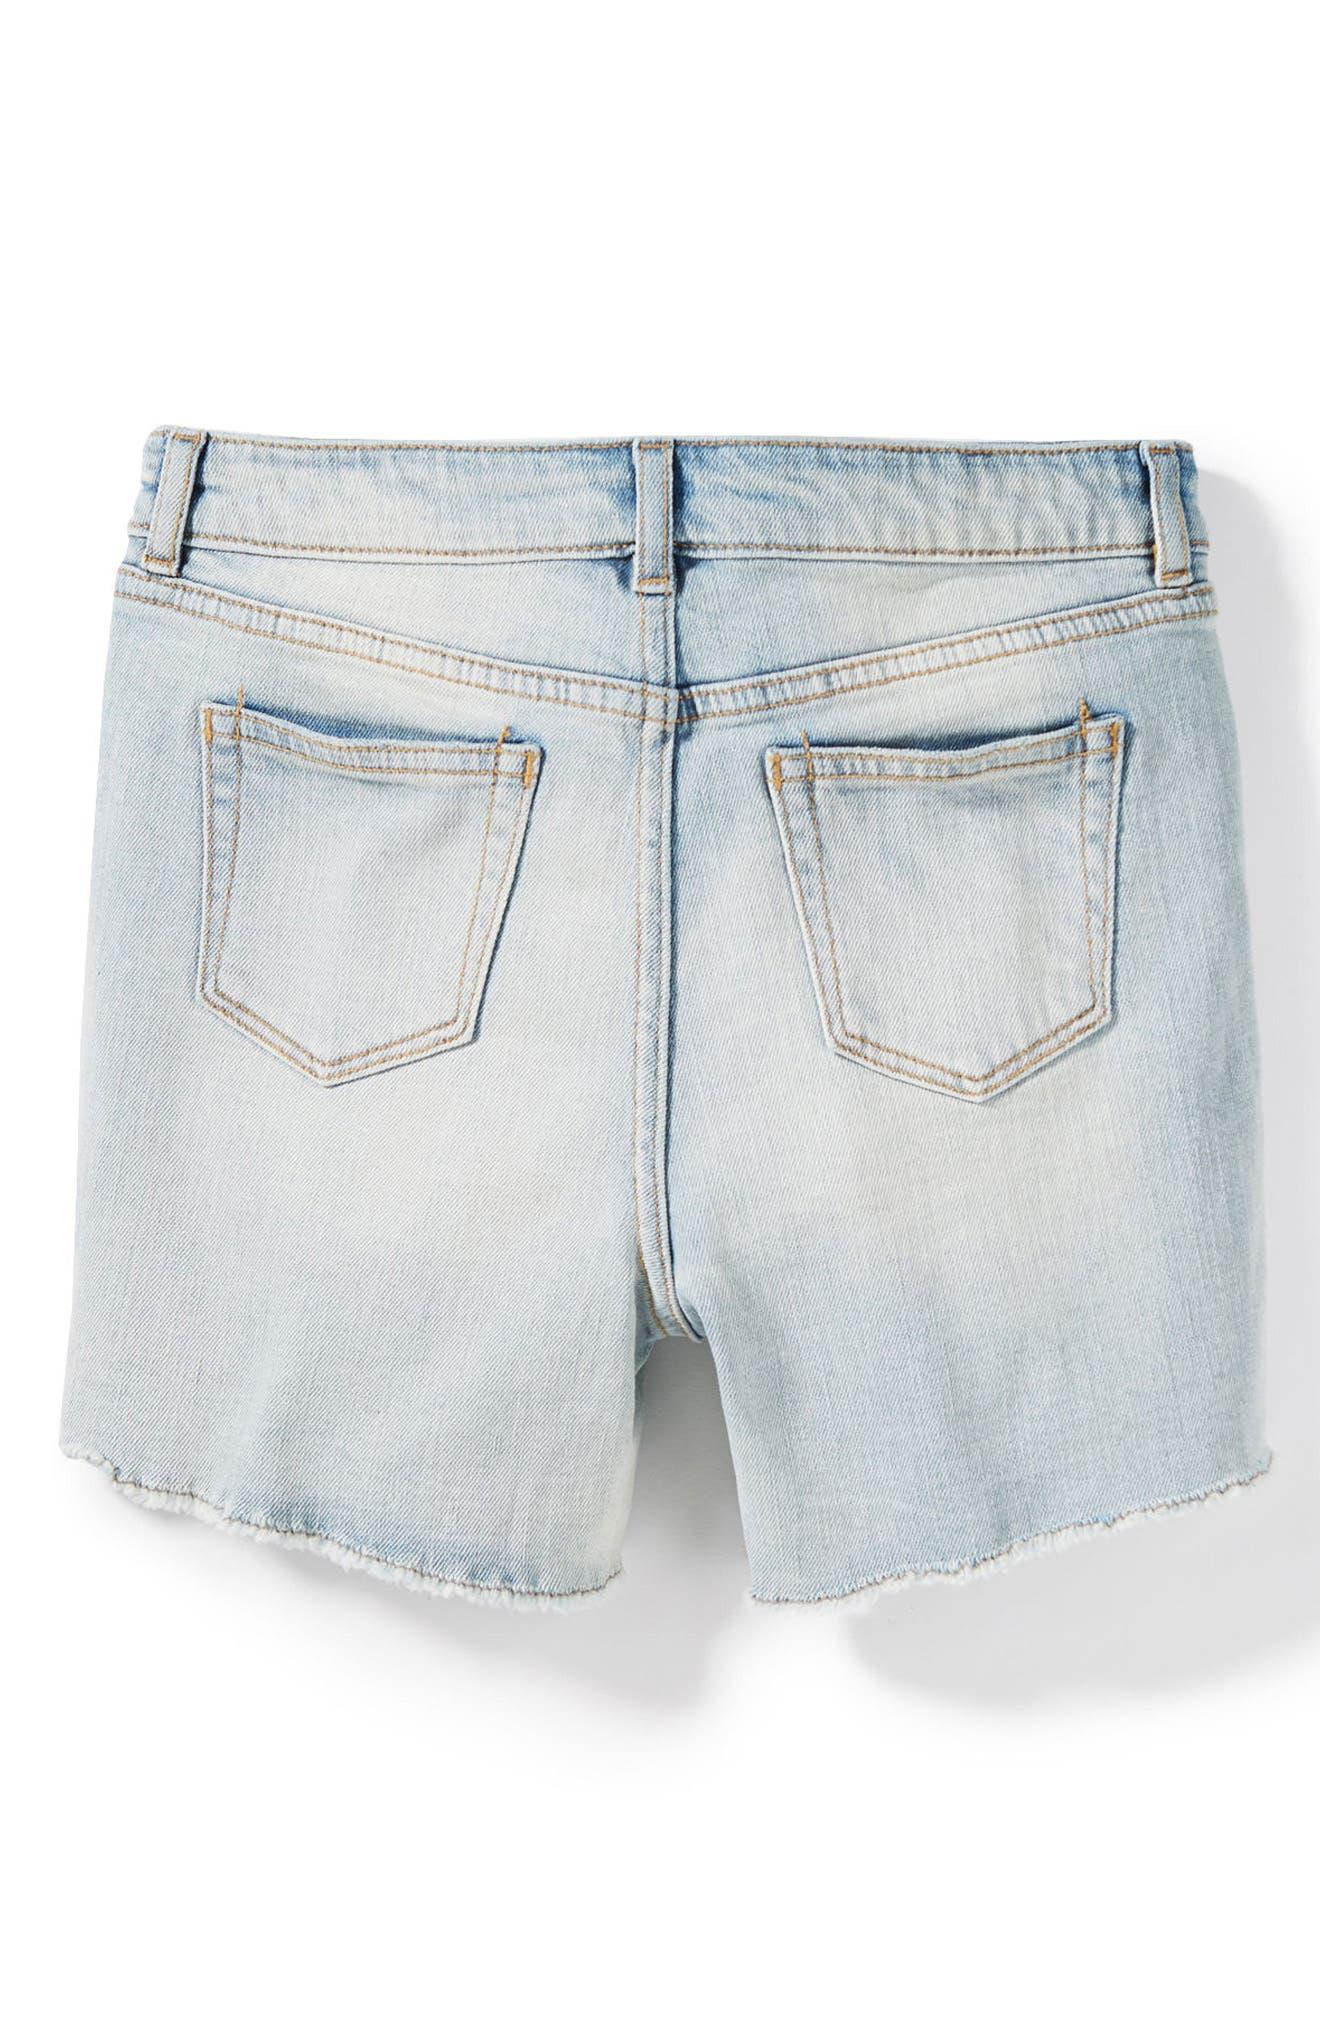 Griffin Rip & Repair Cutoff Denim Shorts,                             Alternate thumbnail 2, color,                             Bleach